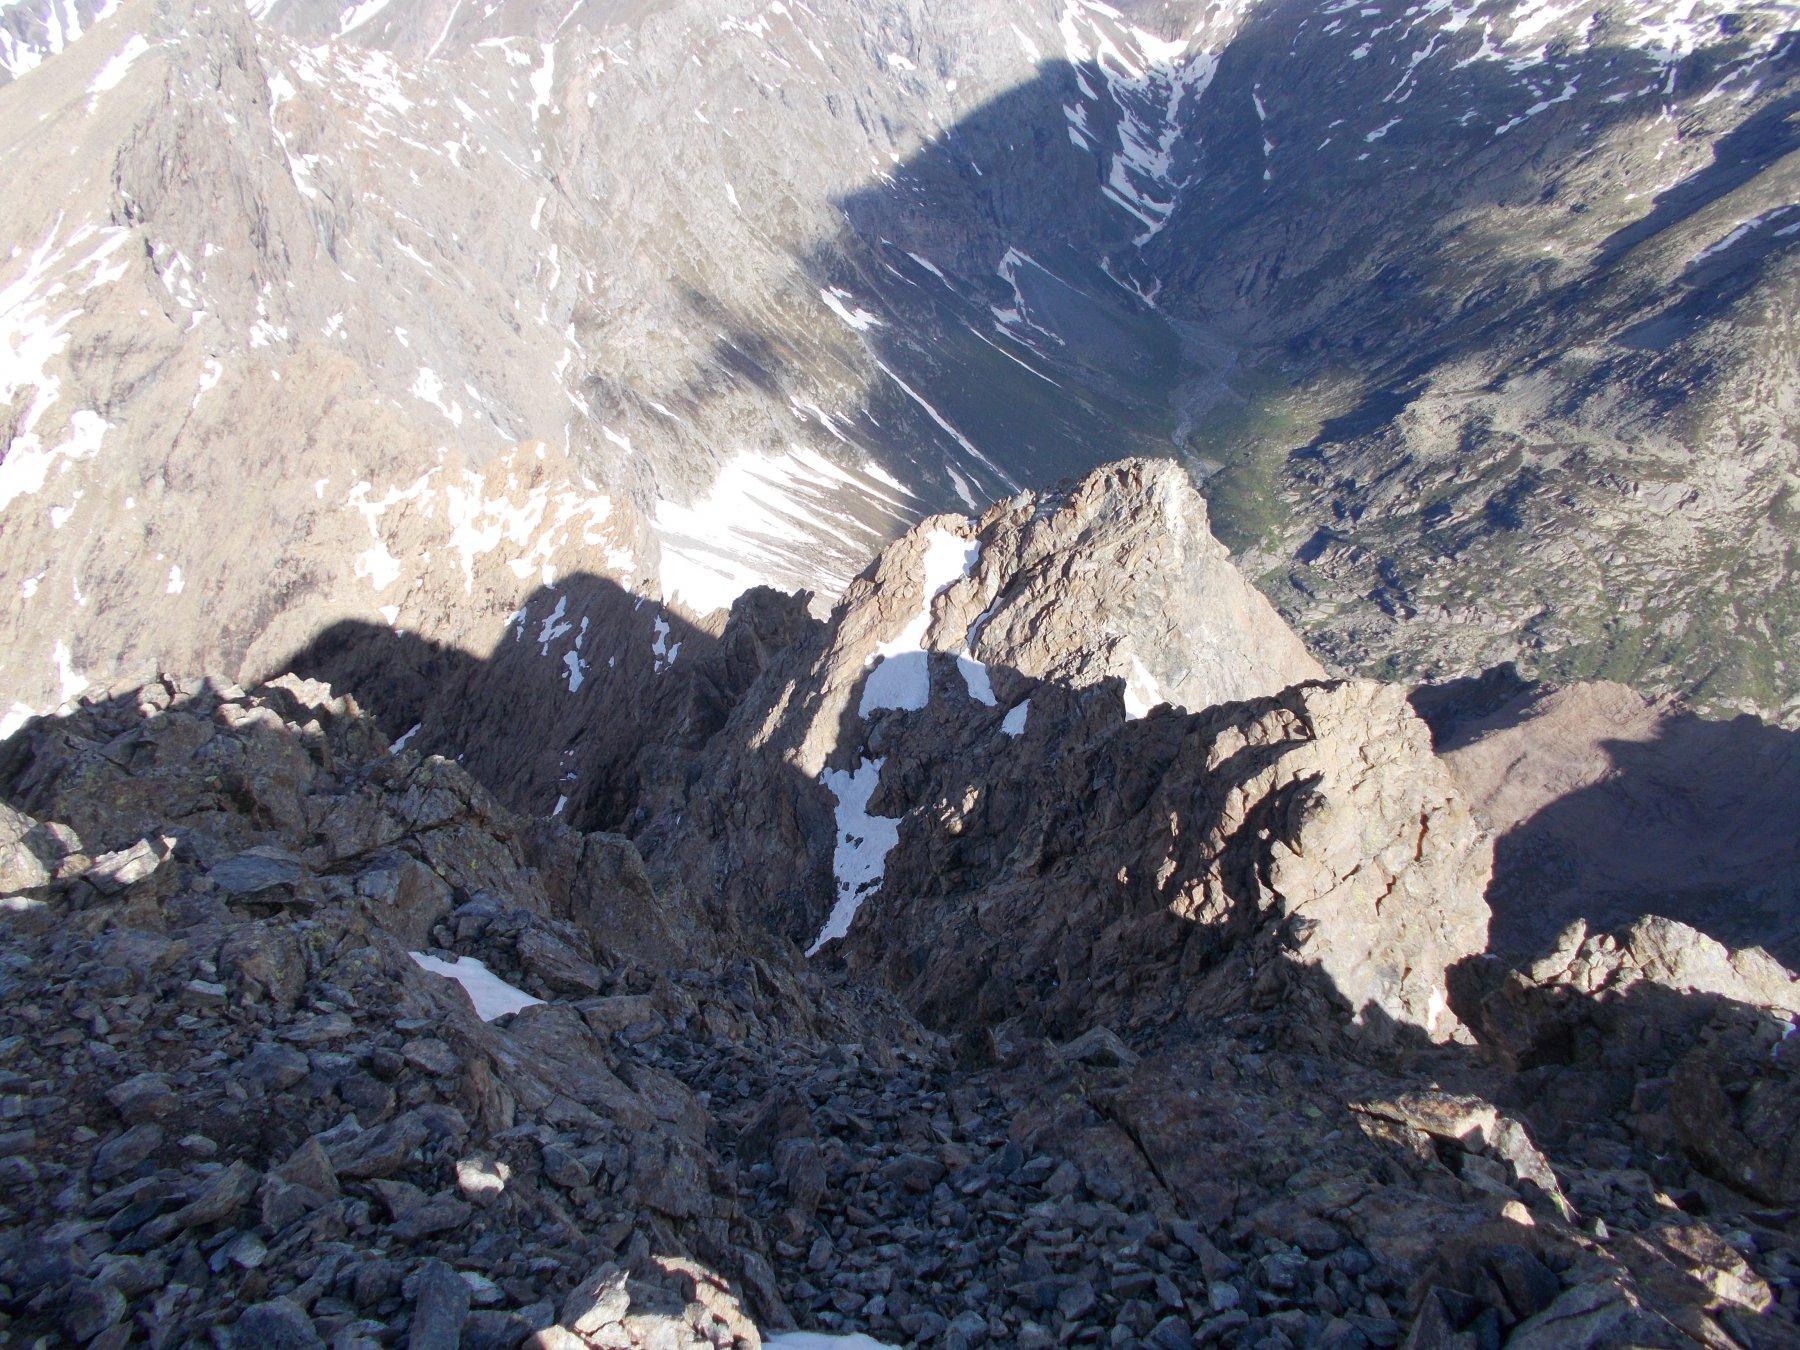 la cresta ovest di discesa dalla vetta..